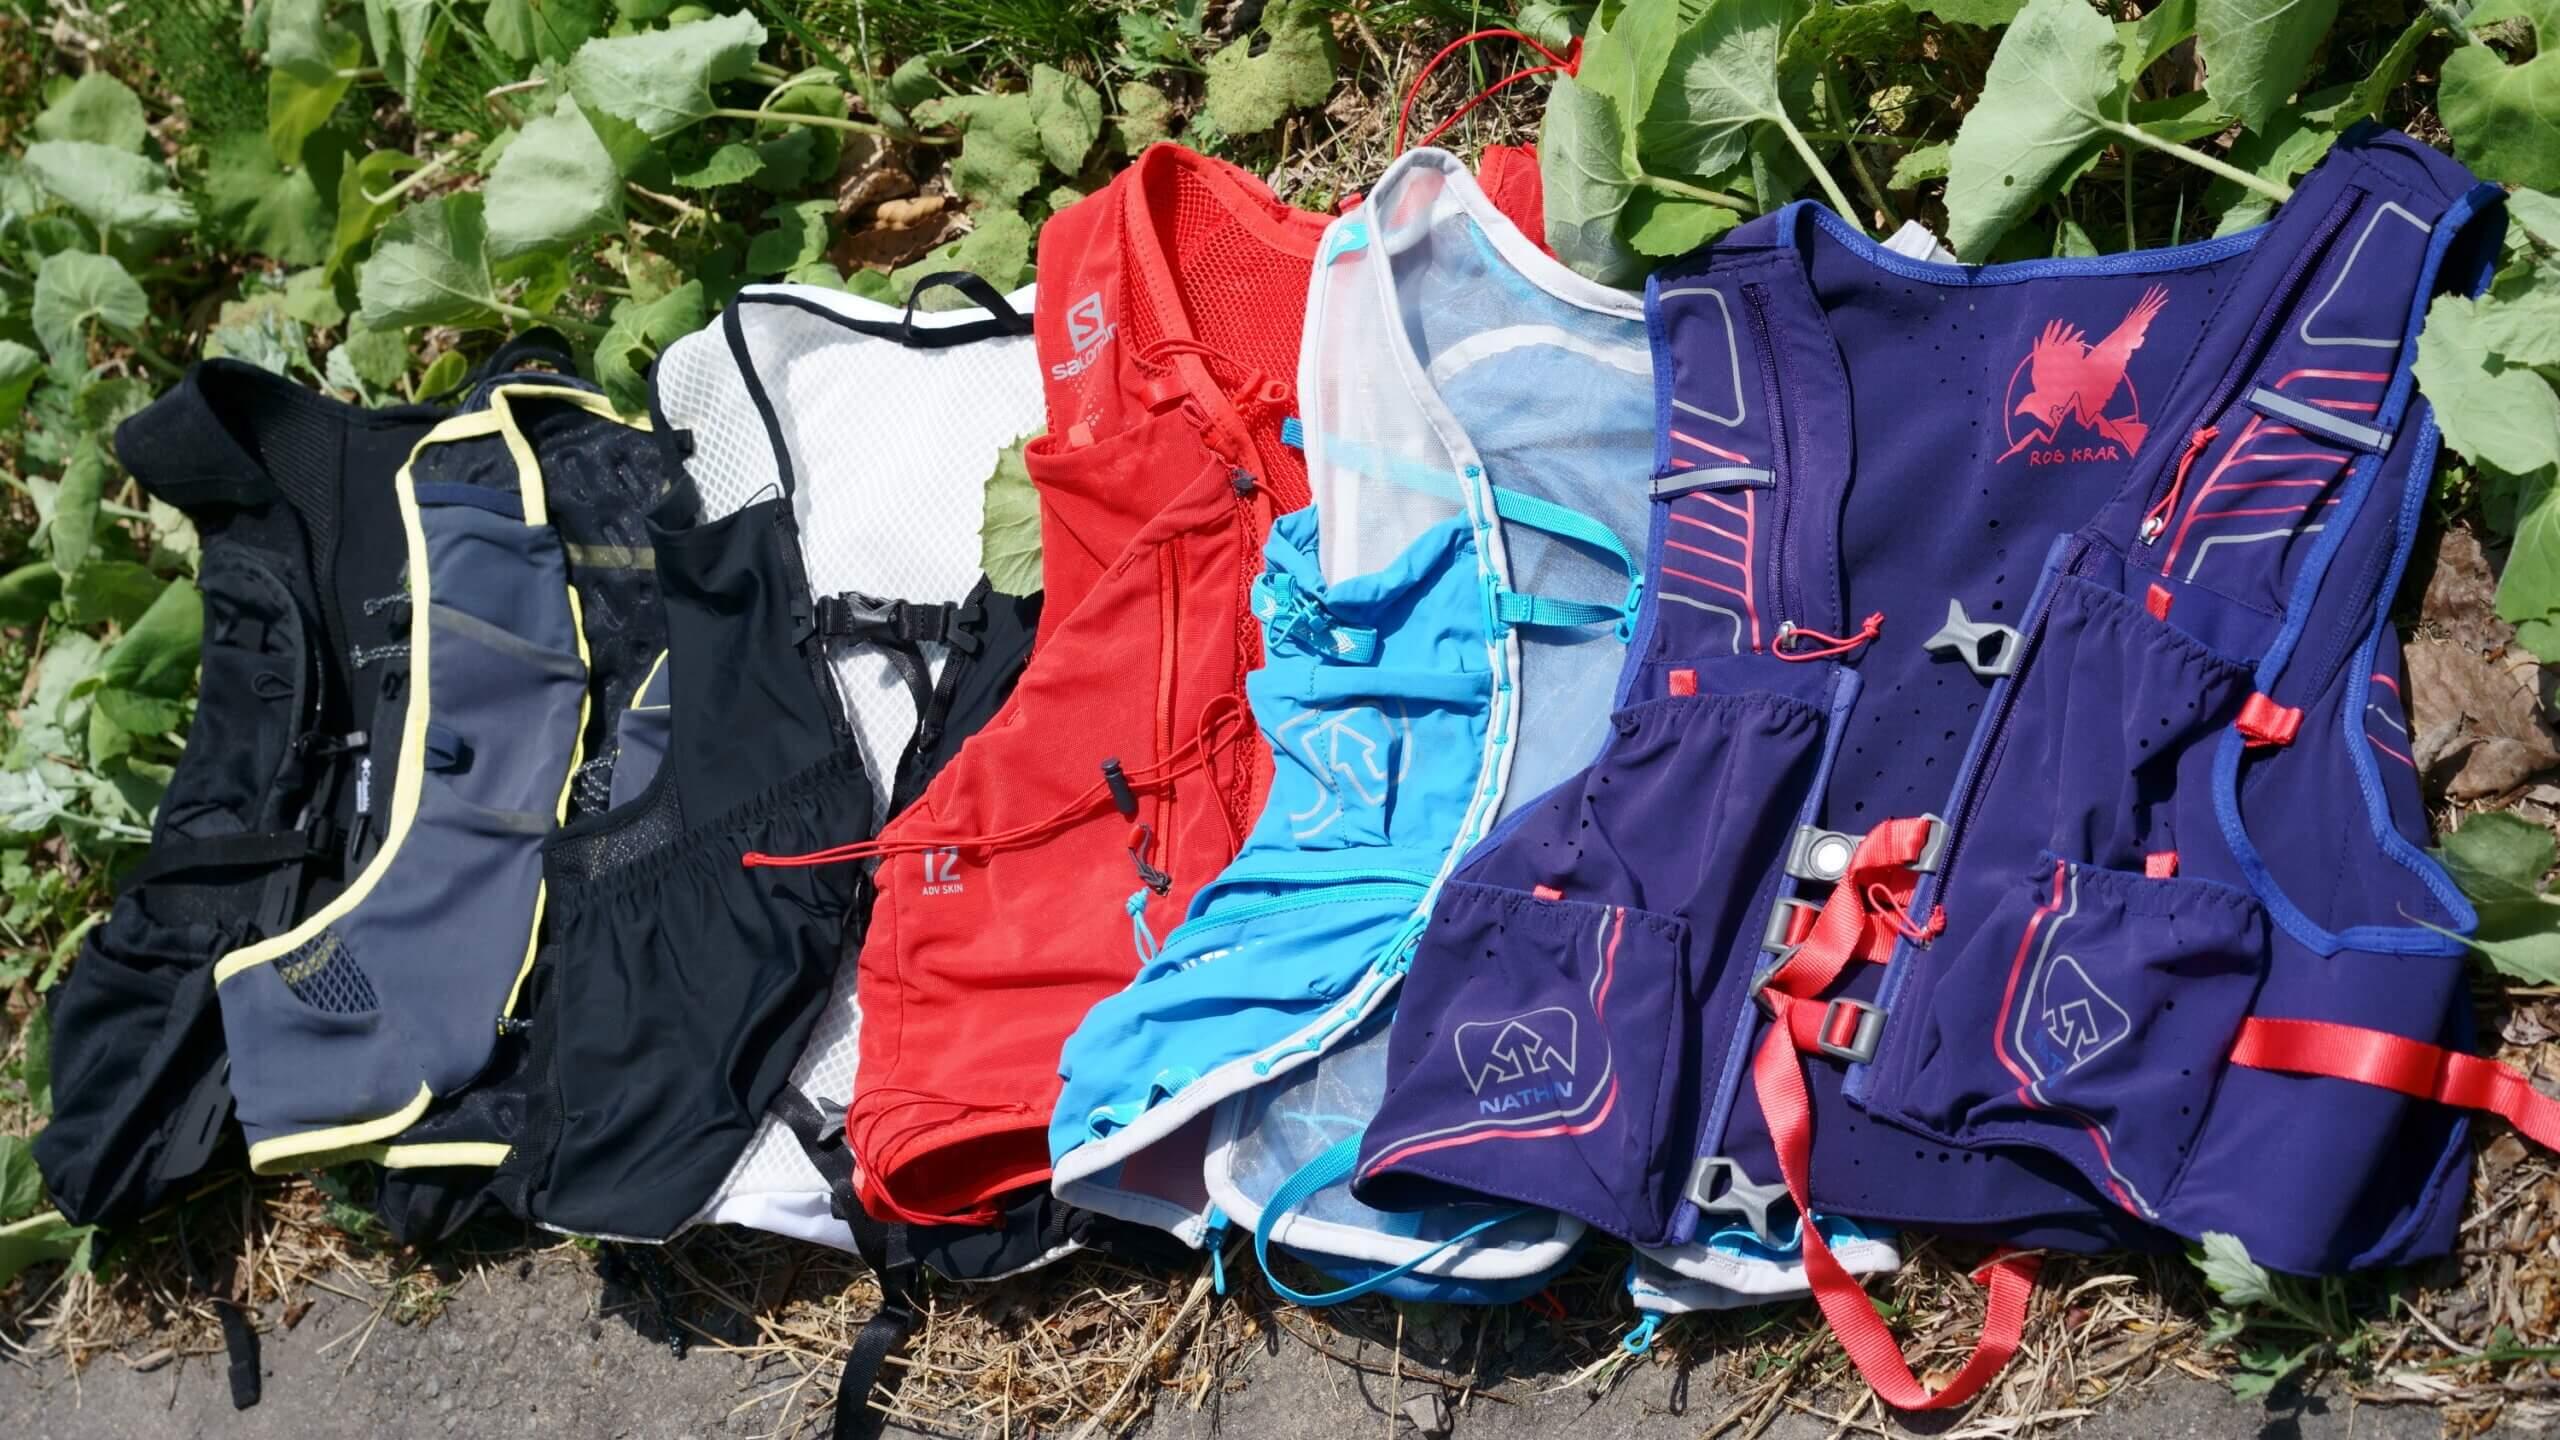 【忖度なしの自腹比較レビュー】通勤ラン・日帰りランから本格レースまで。一番快適で使いやすいトレイルランニング バックパックはどれだ?